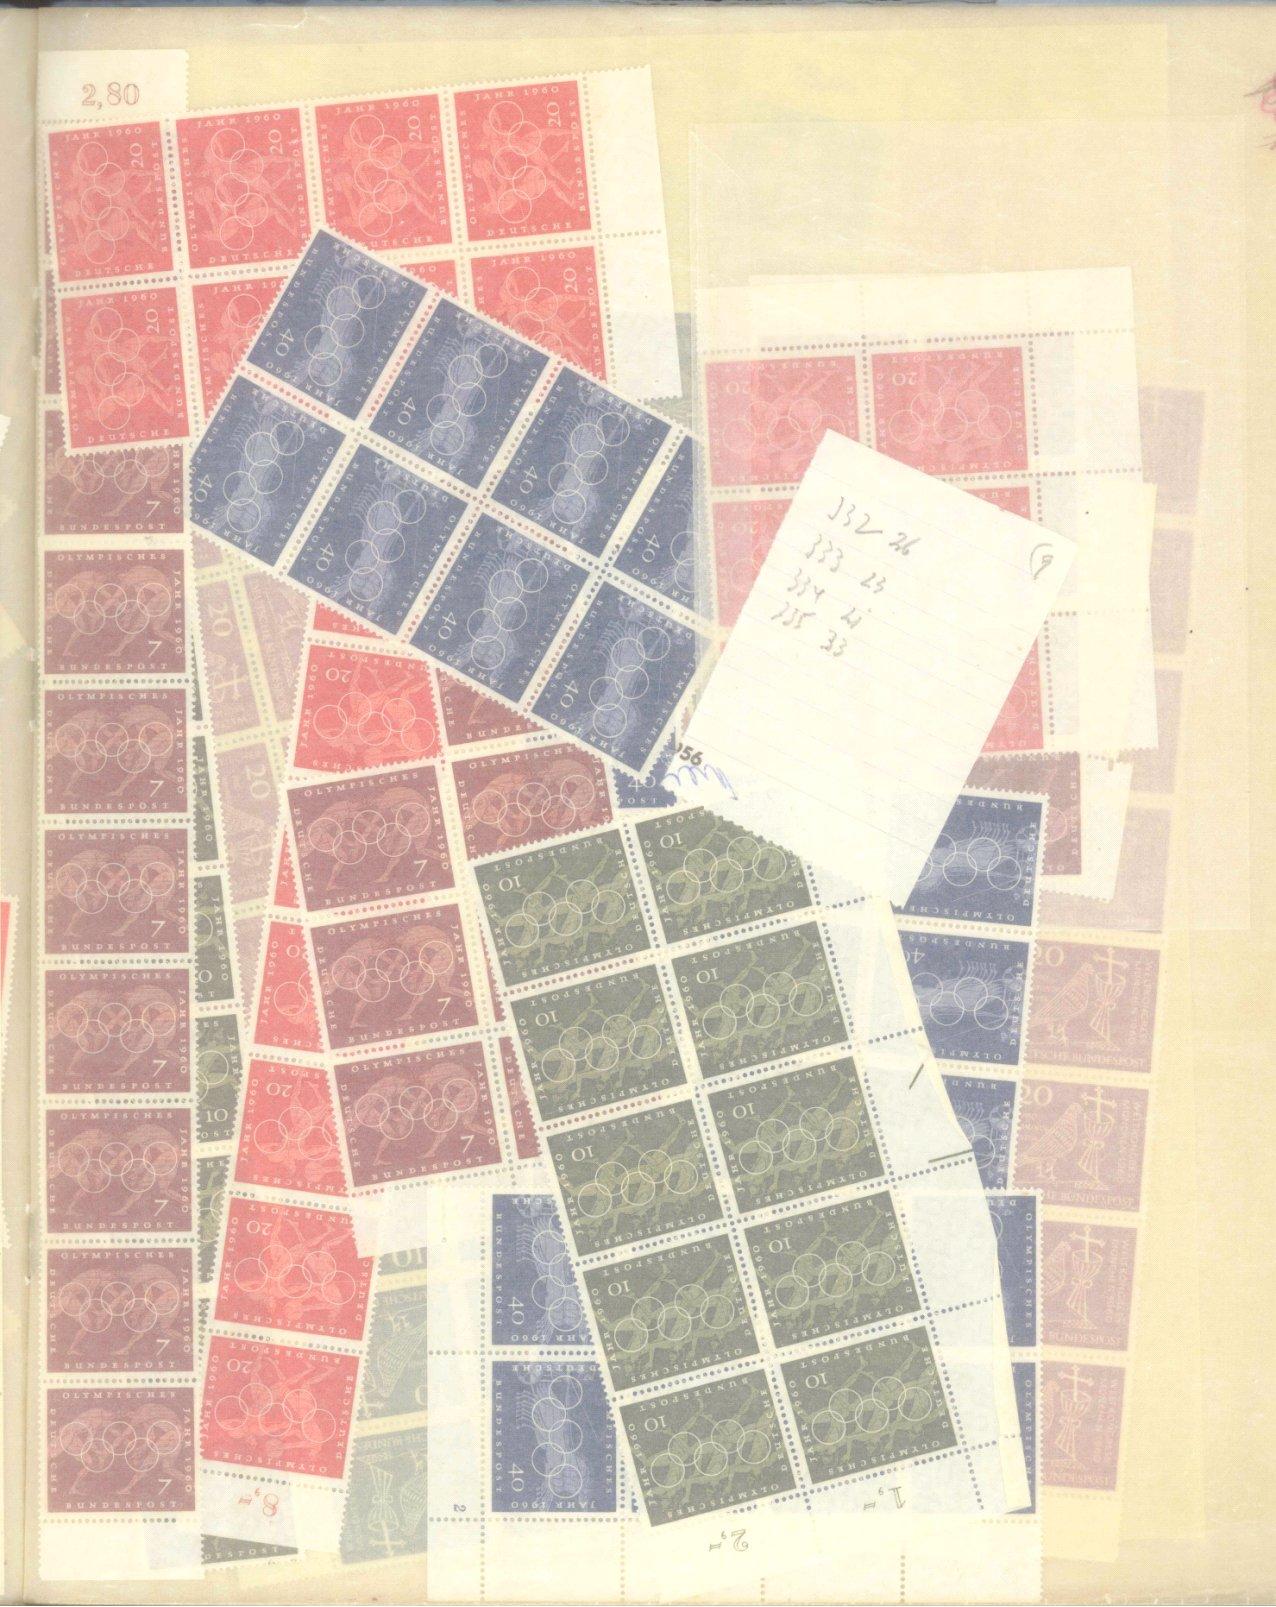 BUND 1959-1970-8